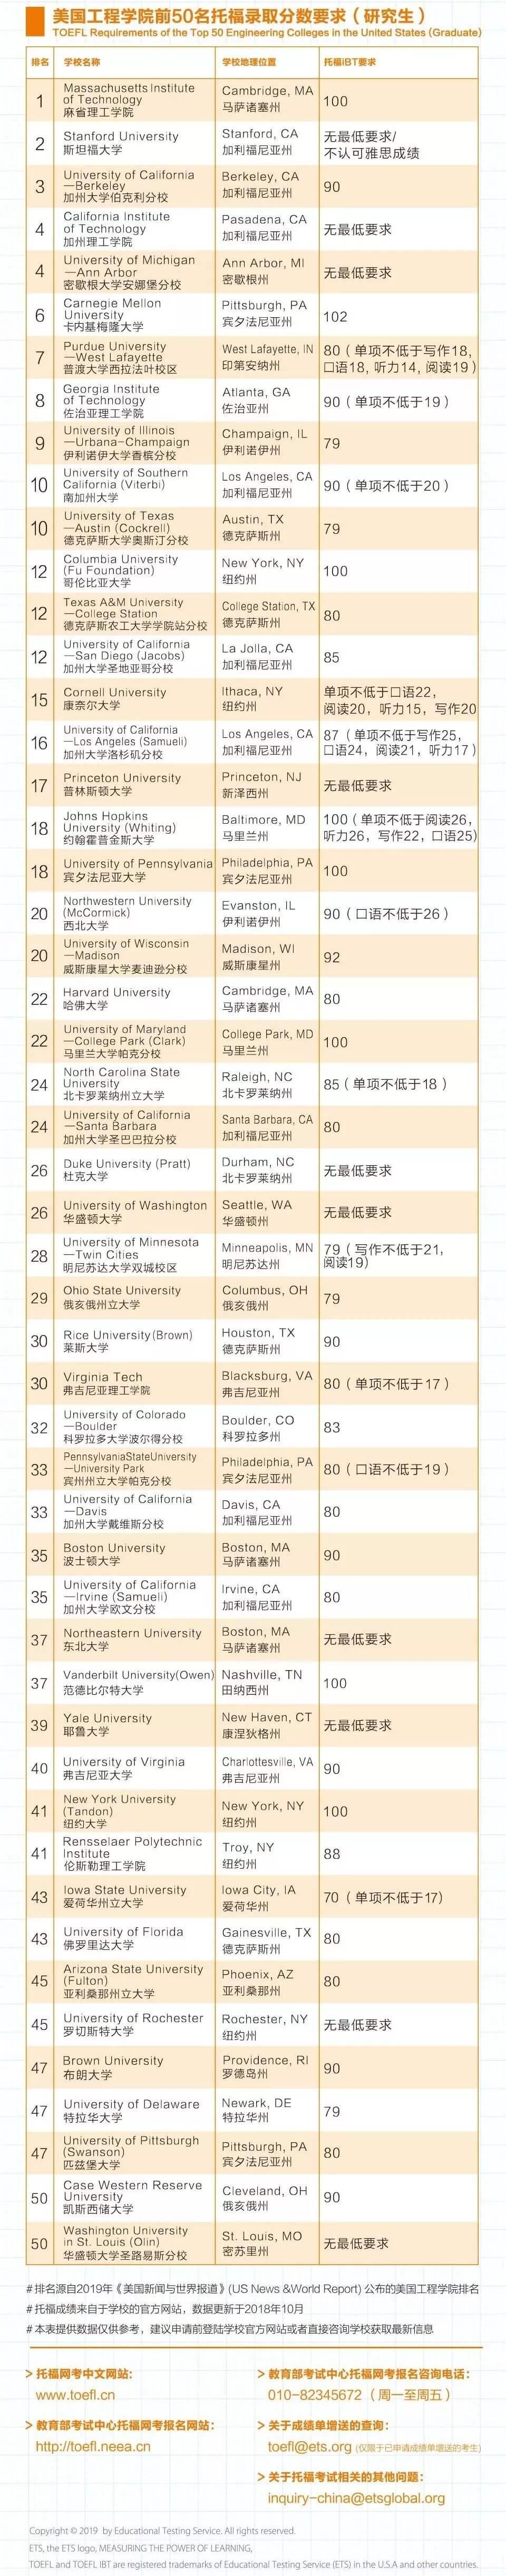 【整理】美国Top100本科、研究生、文理学院托福雅思分数,你有竞争力吗?